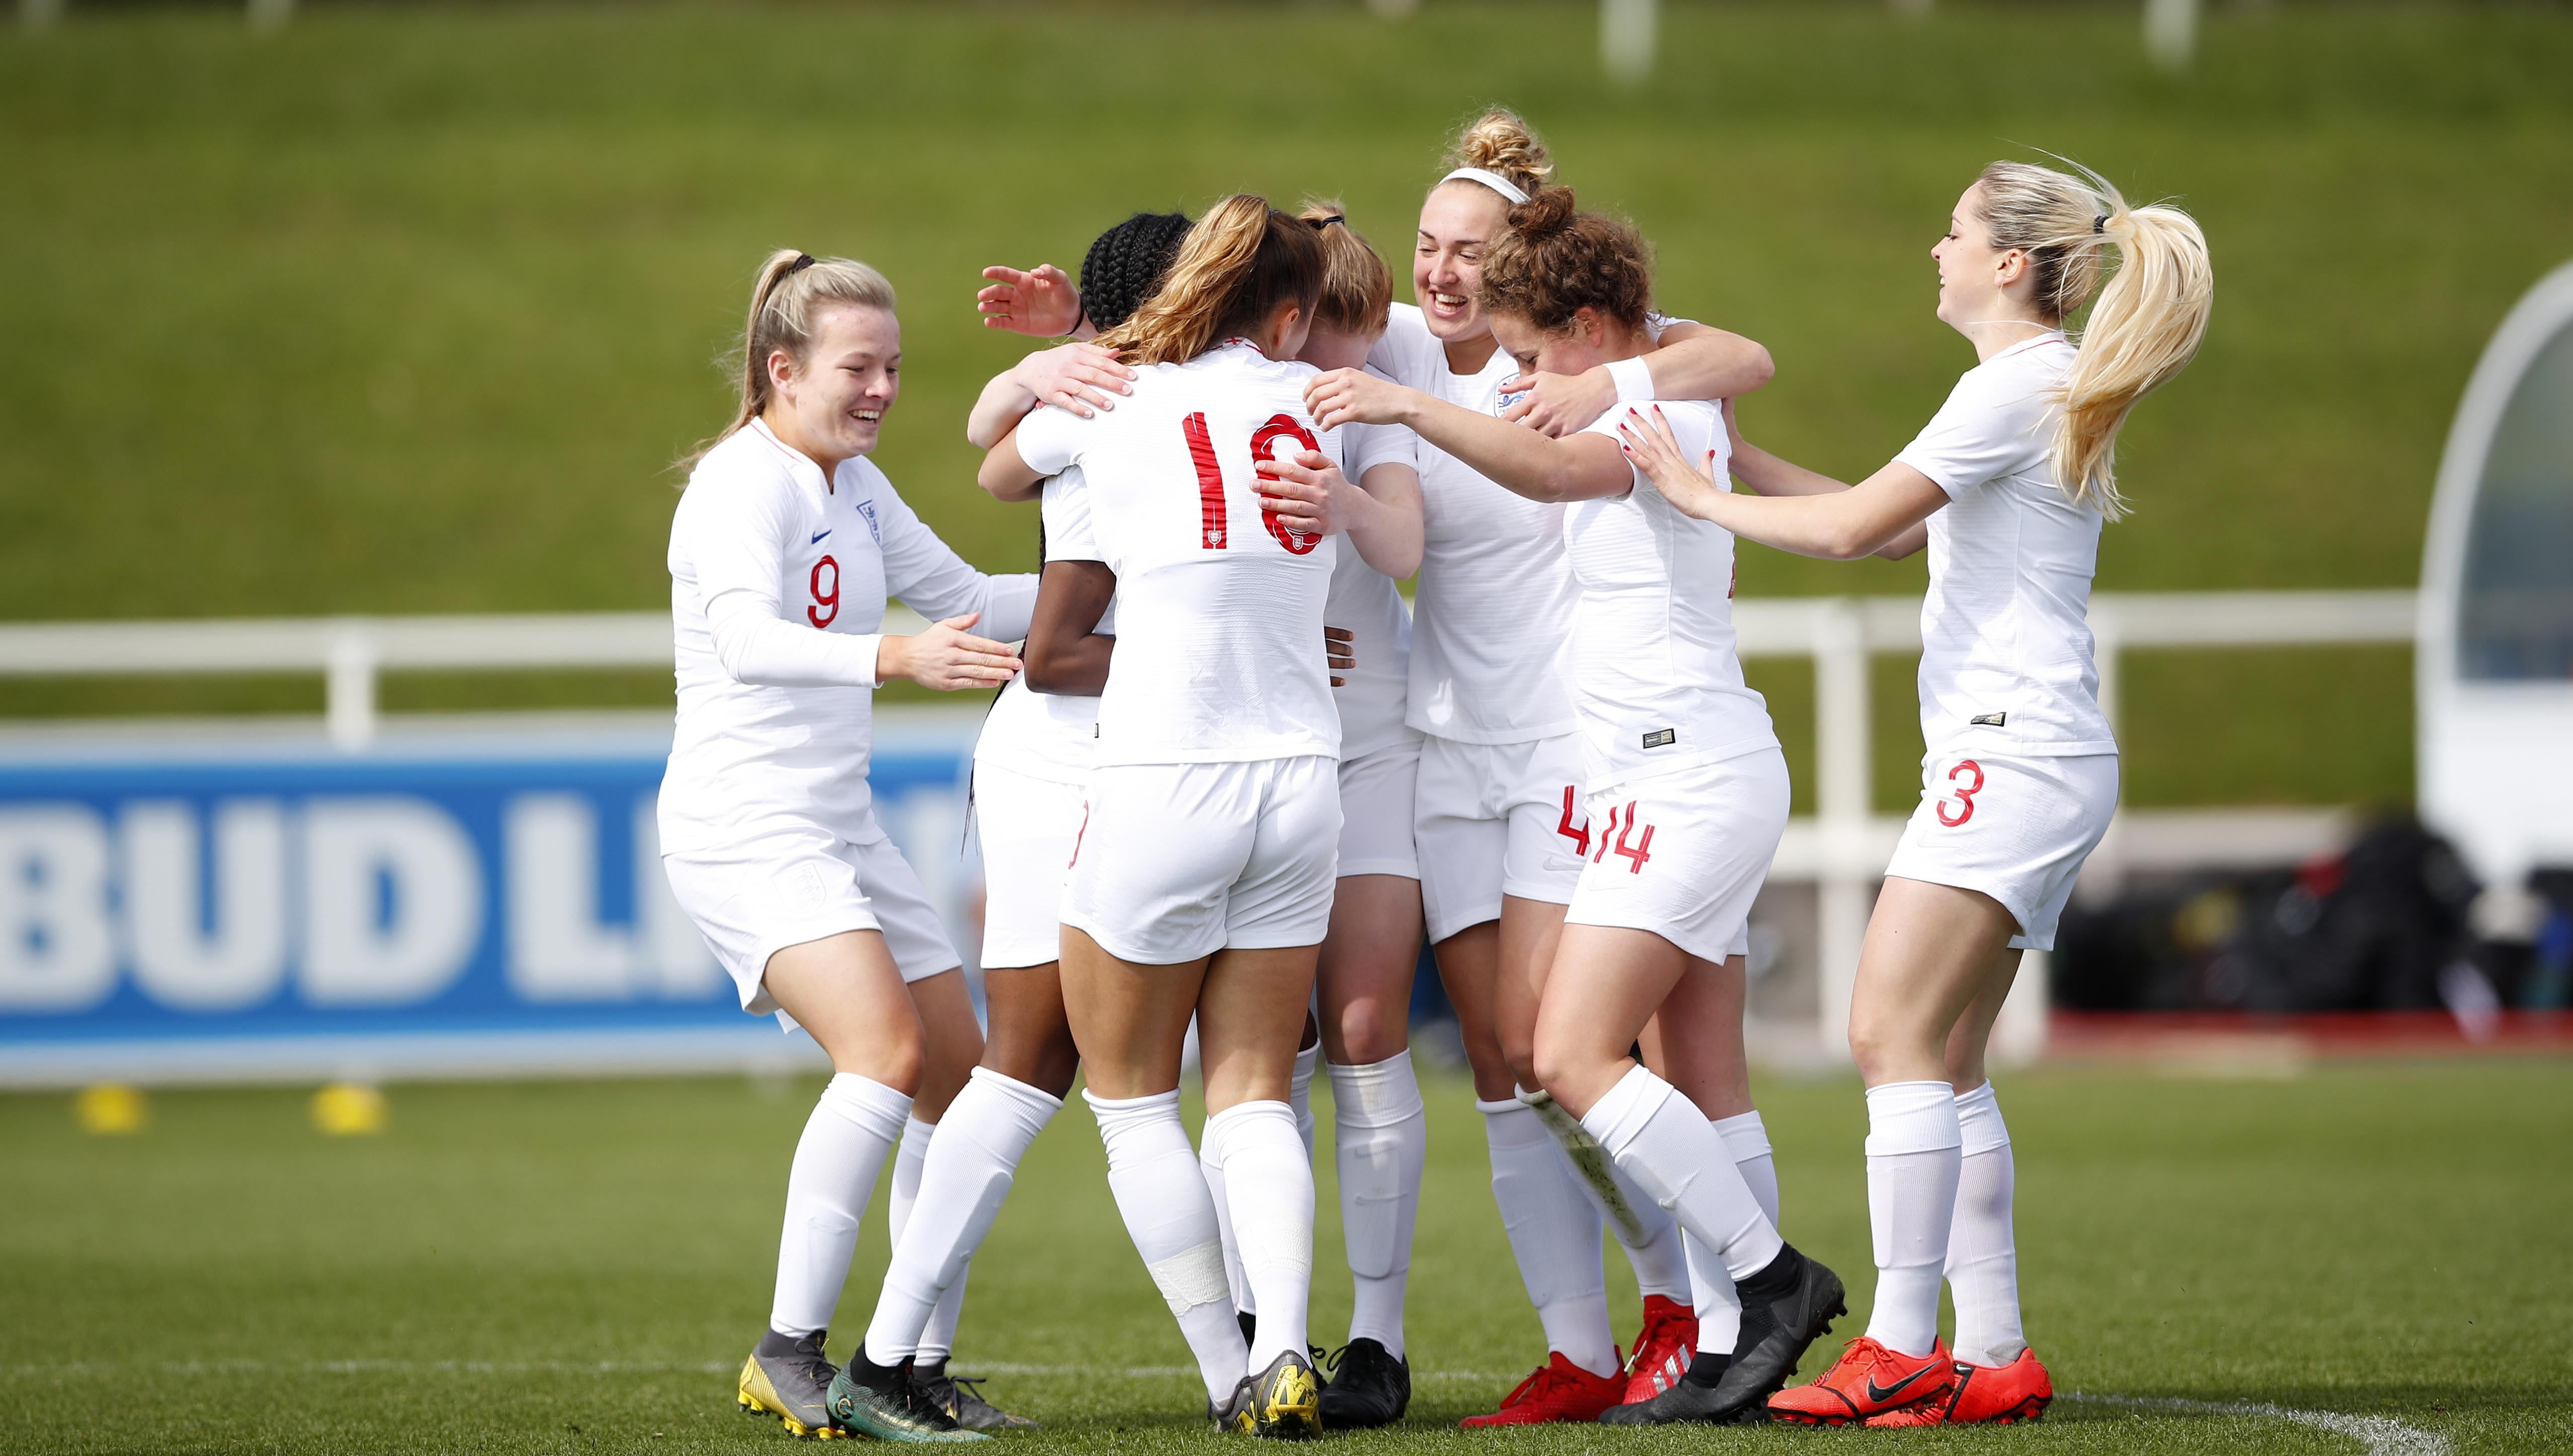 England U19s vs Sweden, 2019 U19 Elite Round